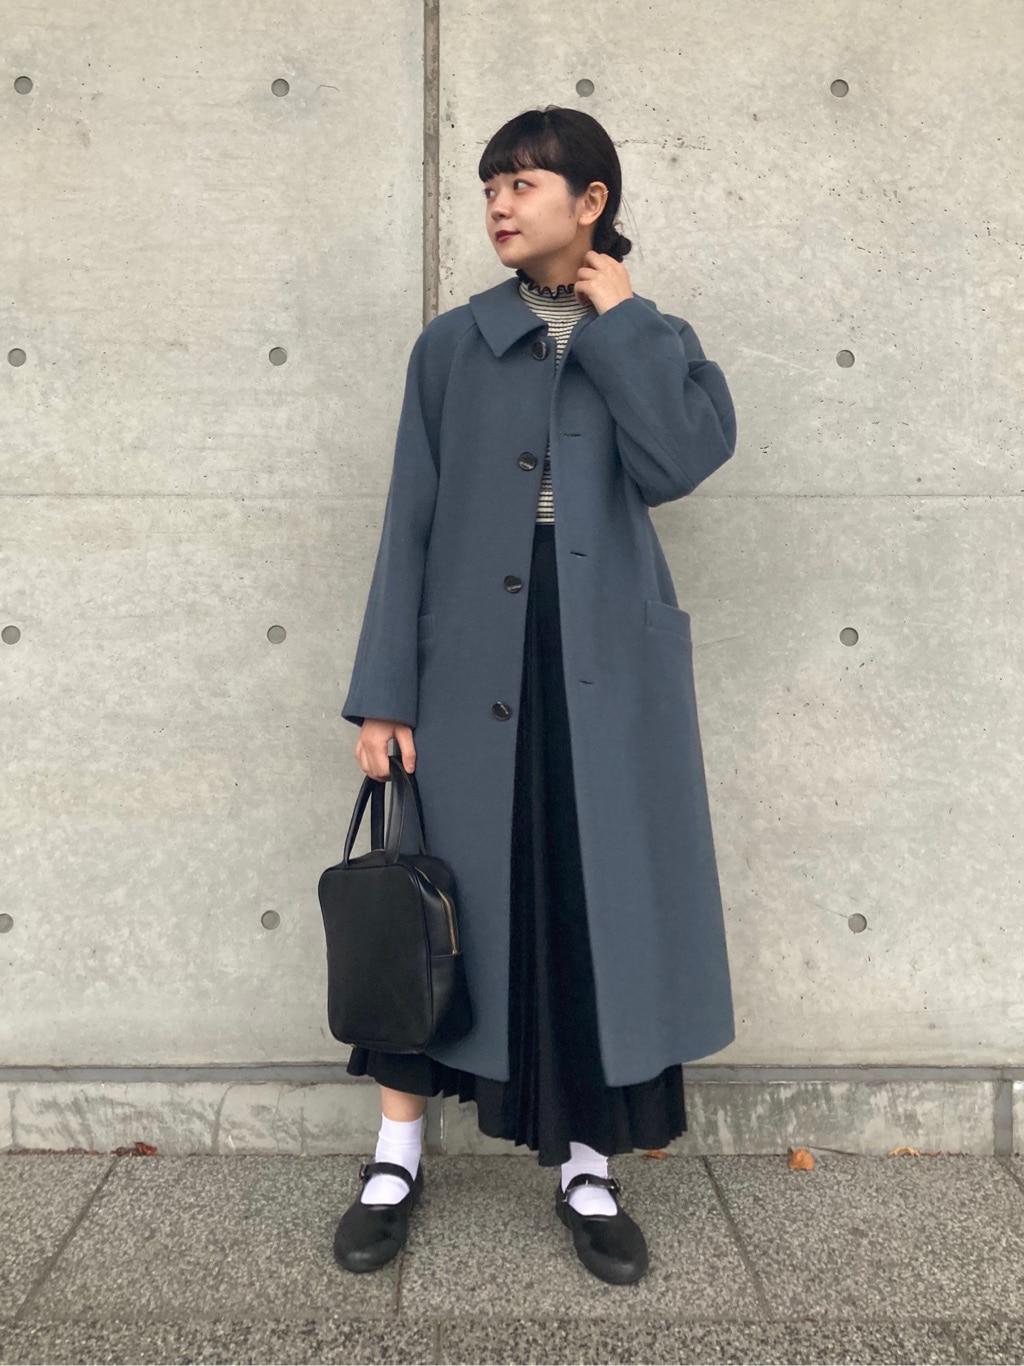 l'atelier du savon 東京スカイツリータウン・ソラマチ 身長:154cm 2020.10.09